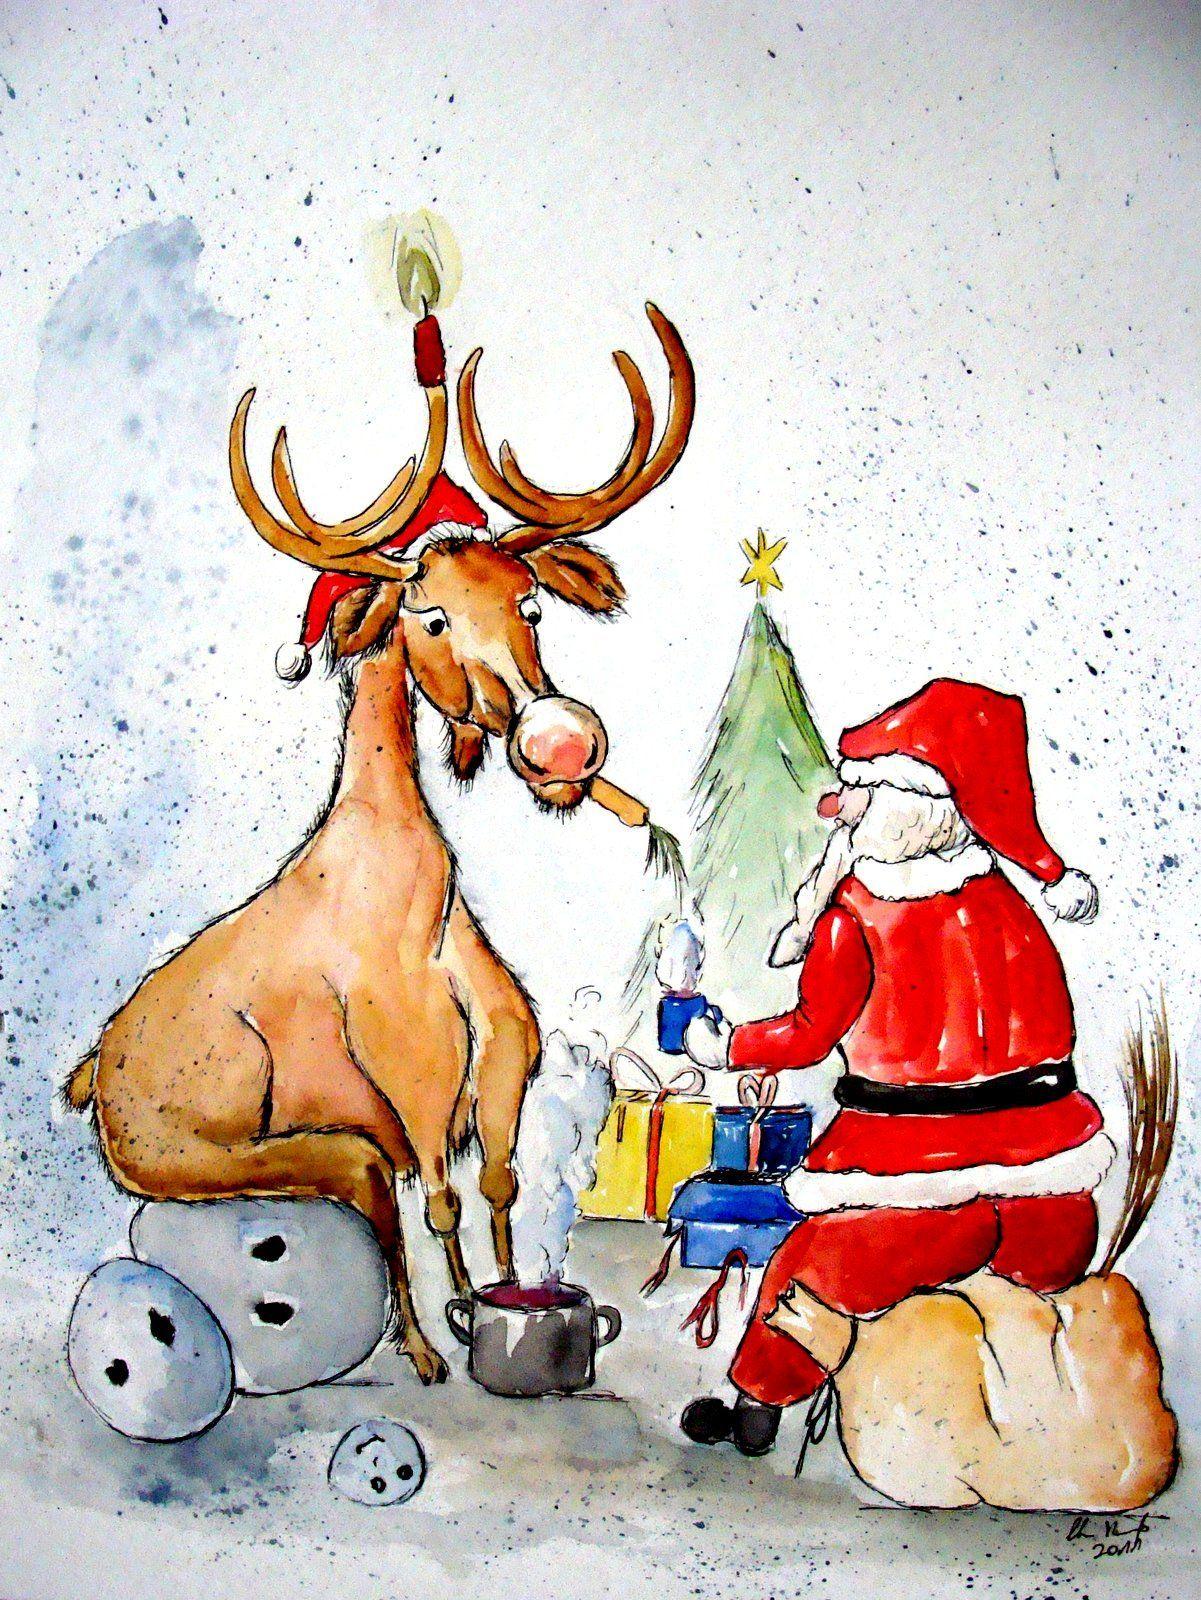 Frohes Weihnachten | Frohe Weihnachten | karikatur tierkarikatur tierkarikaturen | Malerei